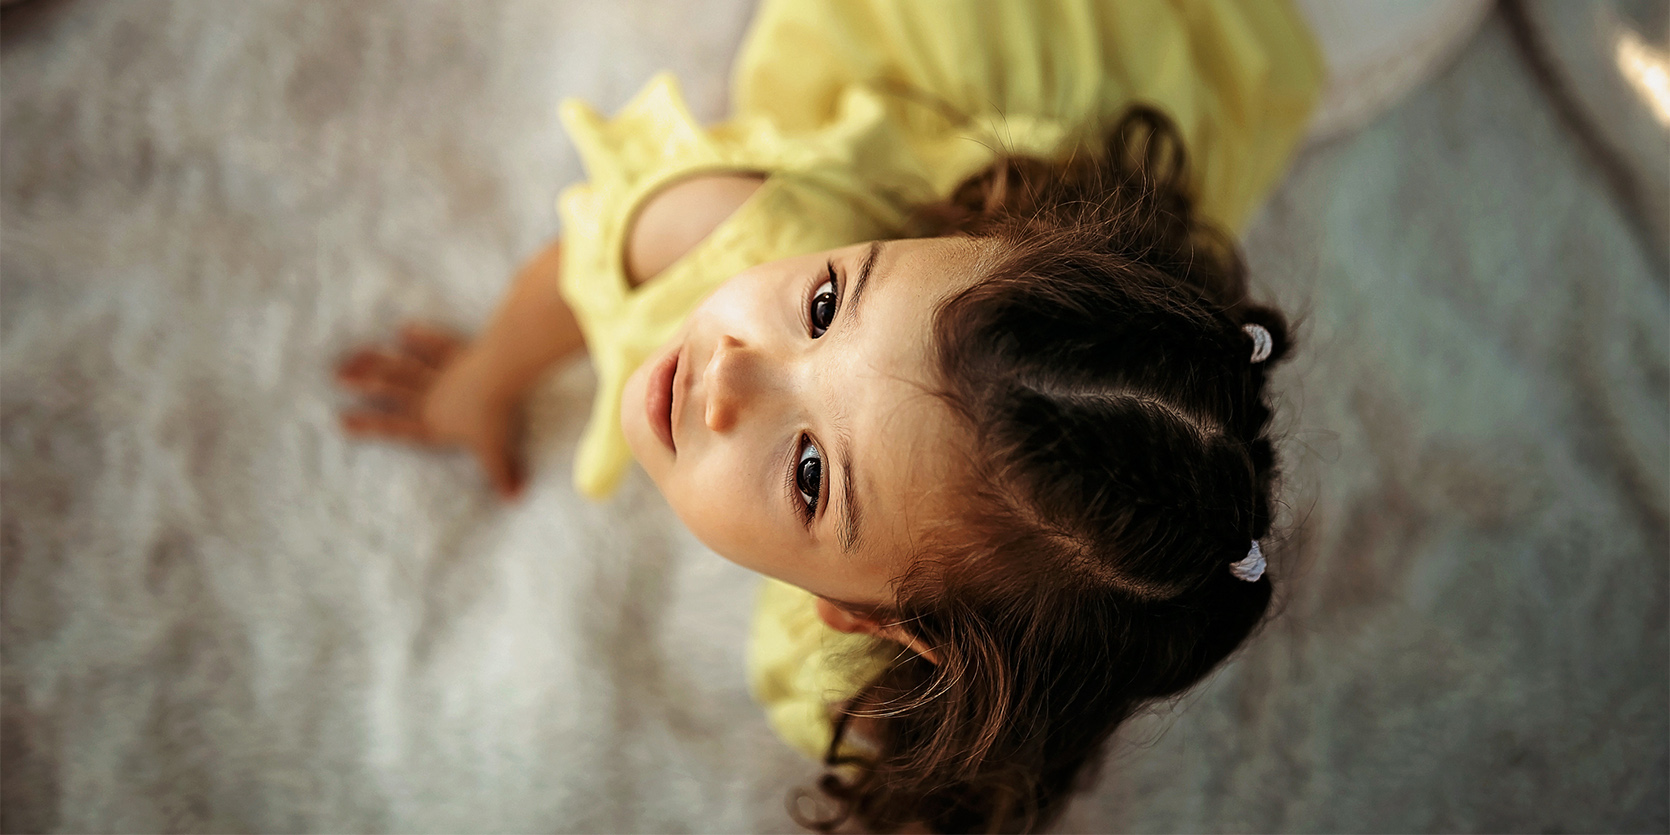 Świszczący oddech u dziecka /fot. iStock